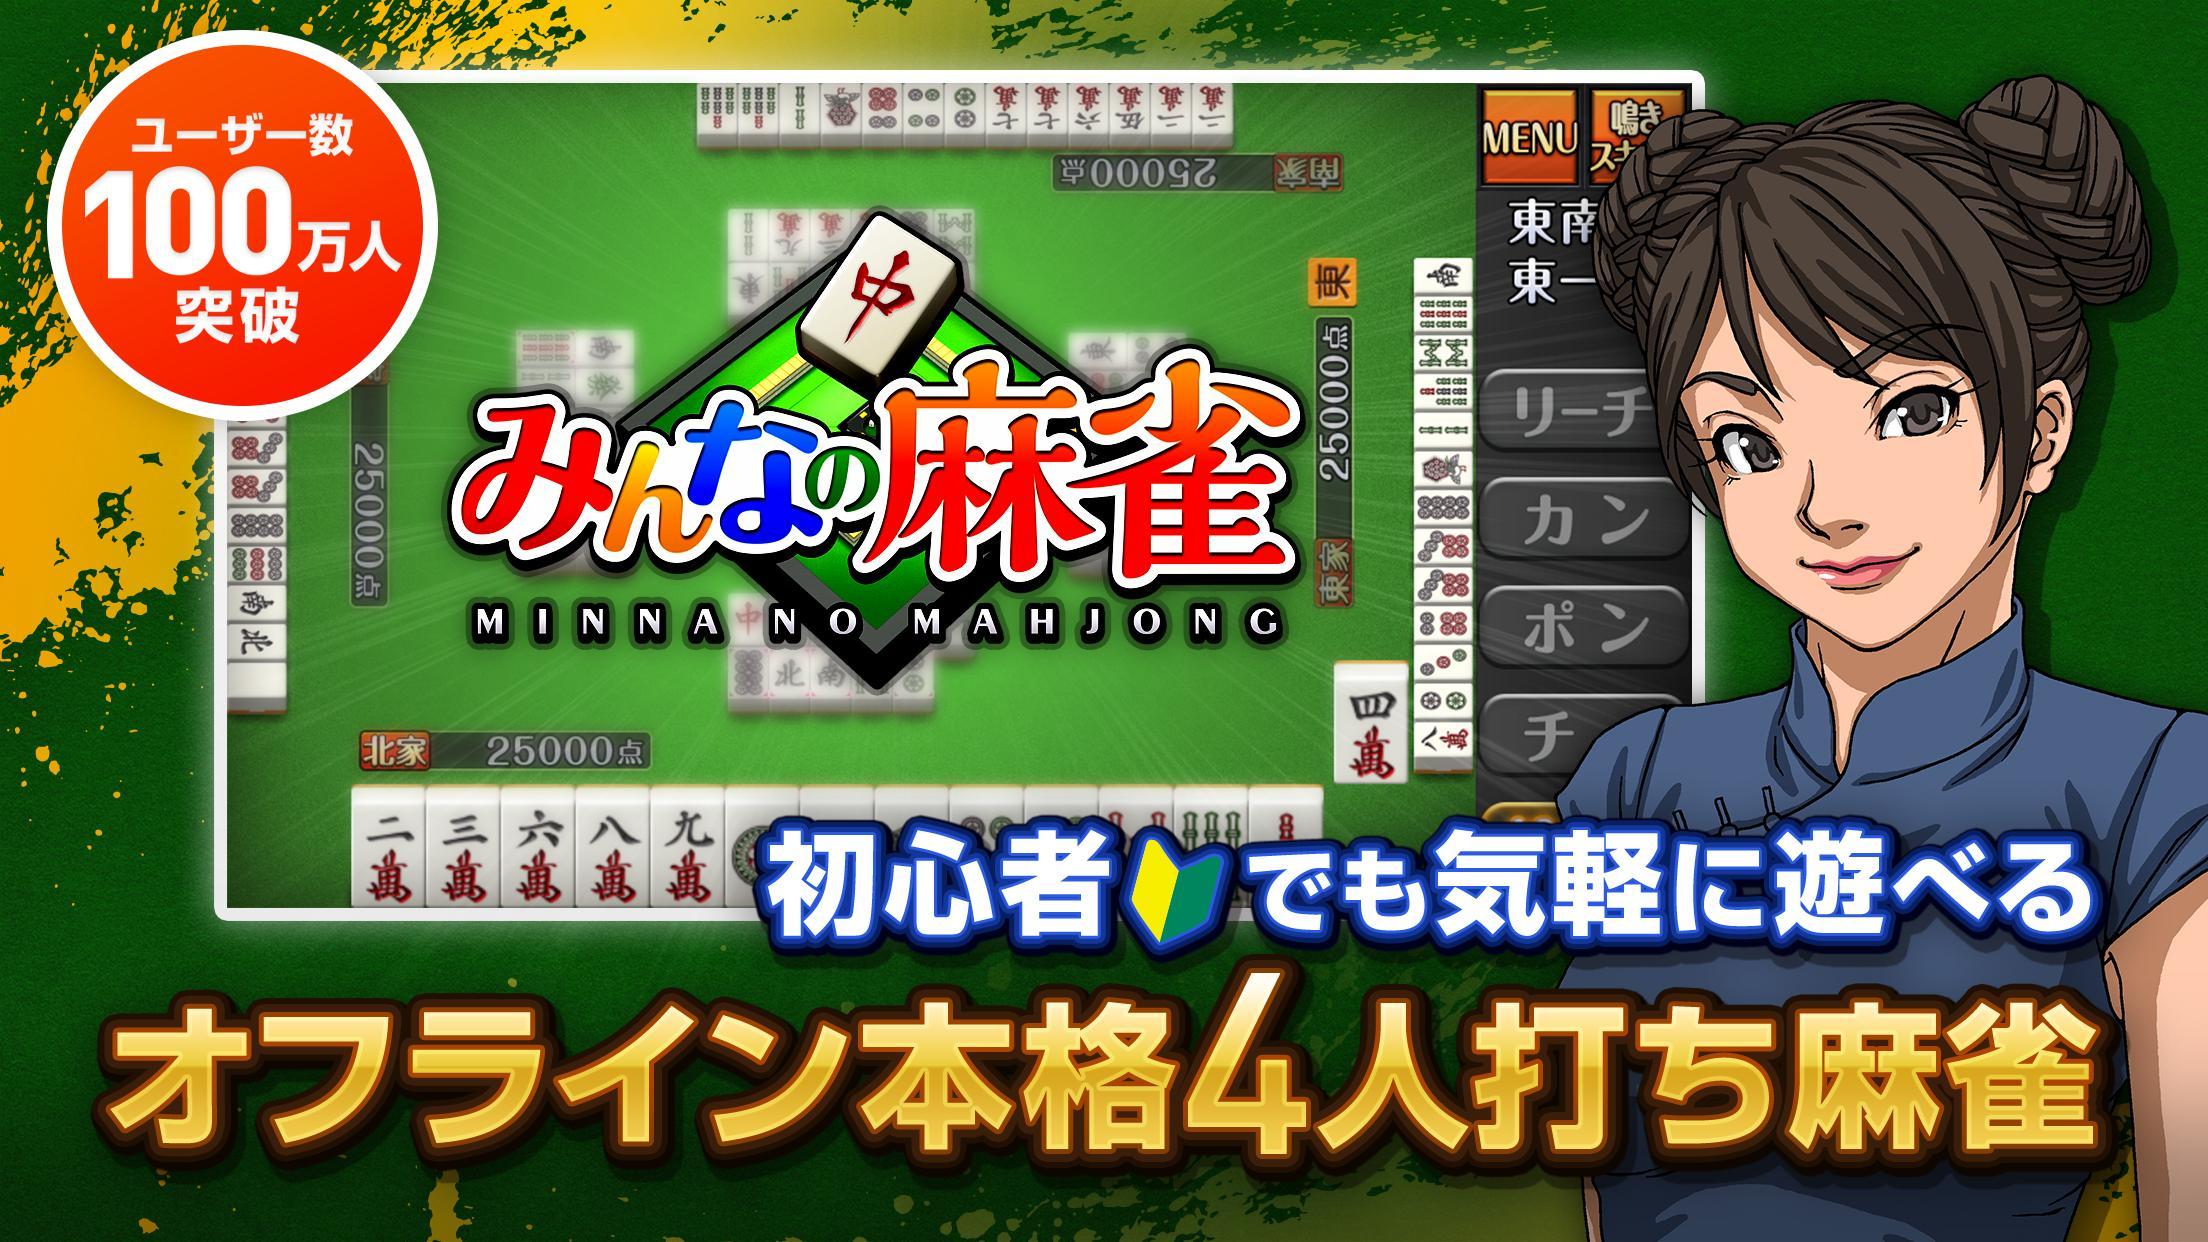 みんなの麻雀 初心者も強くなれるランキング戦が楽しい本格麻雀【無料】 1.1.12 Screenshot 11